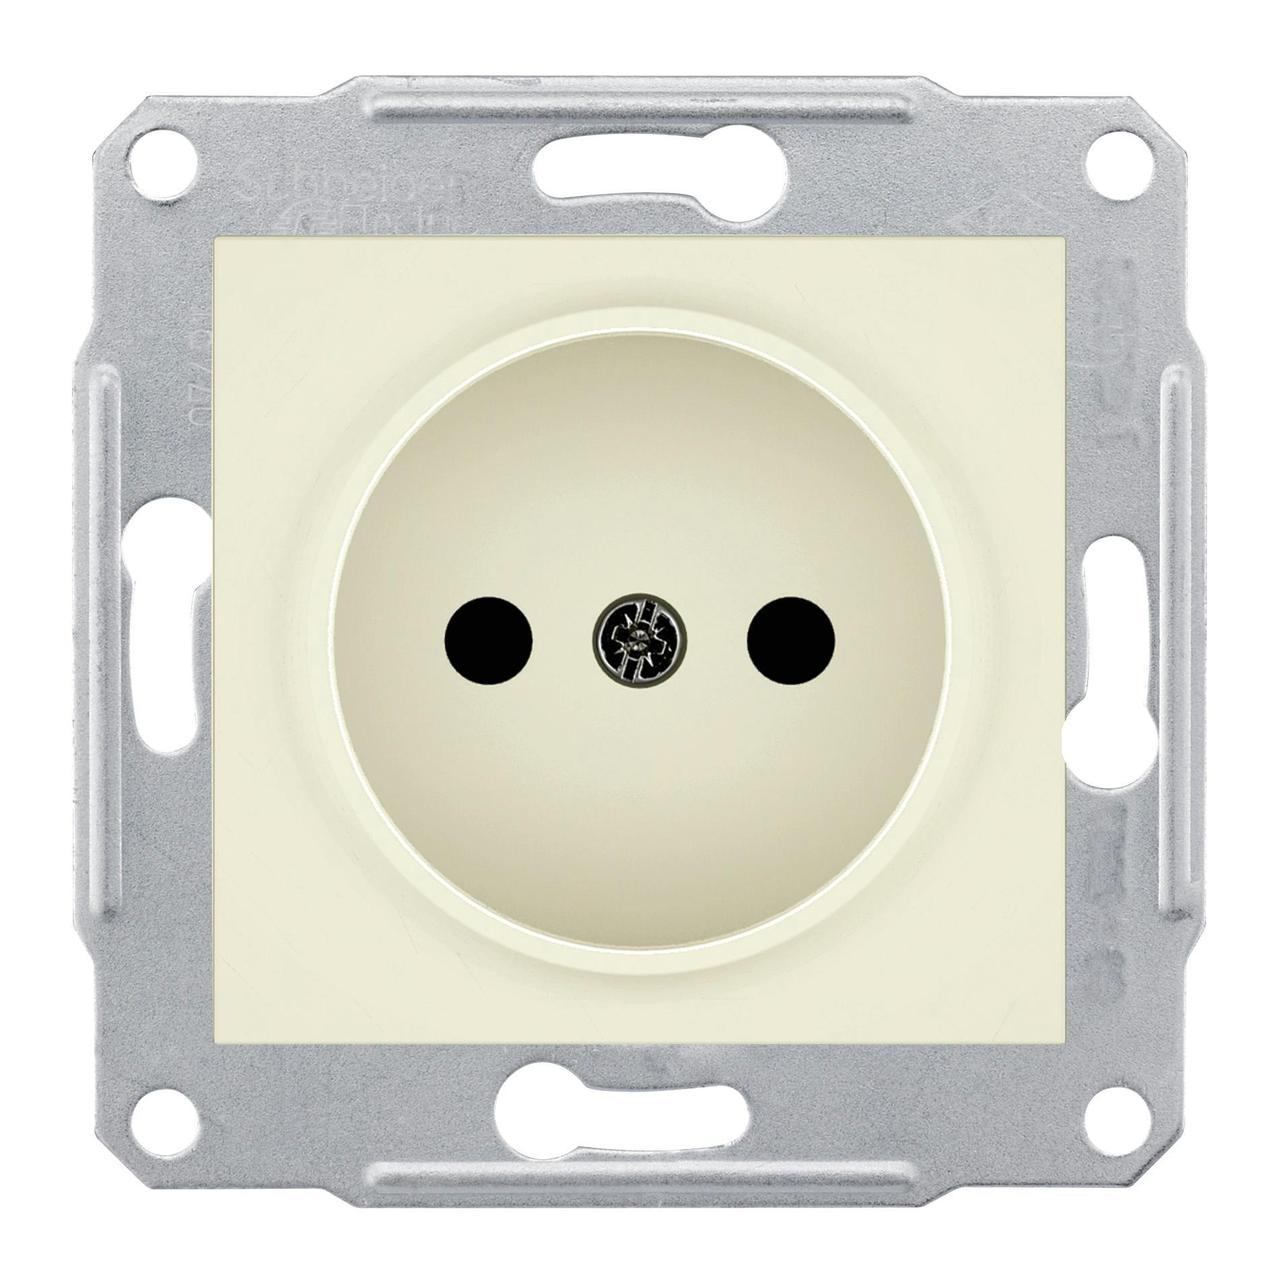 Розетка 1-ая электрическая без заземления , Бежевый, серия Sedna, Schneider Electric